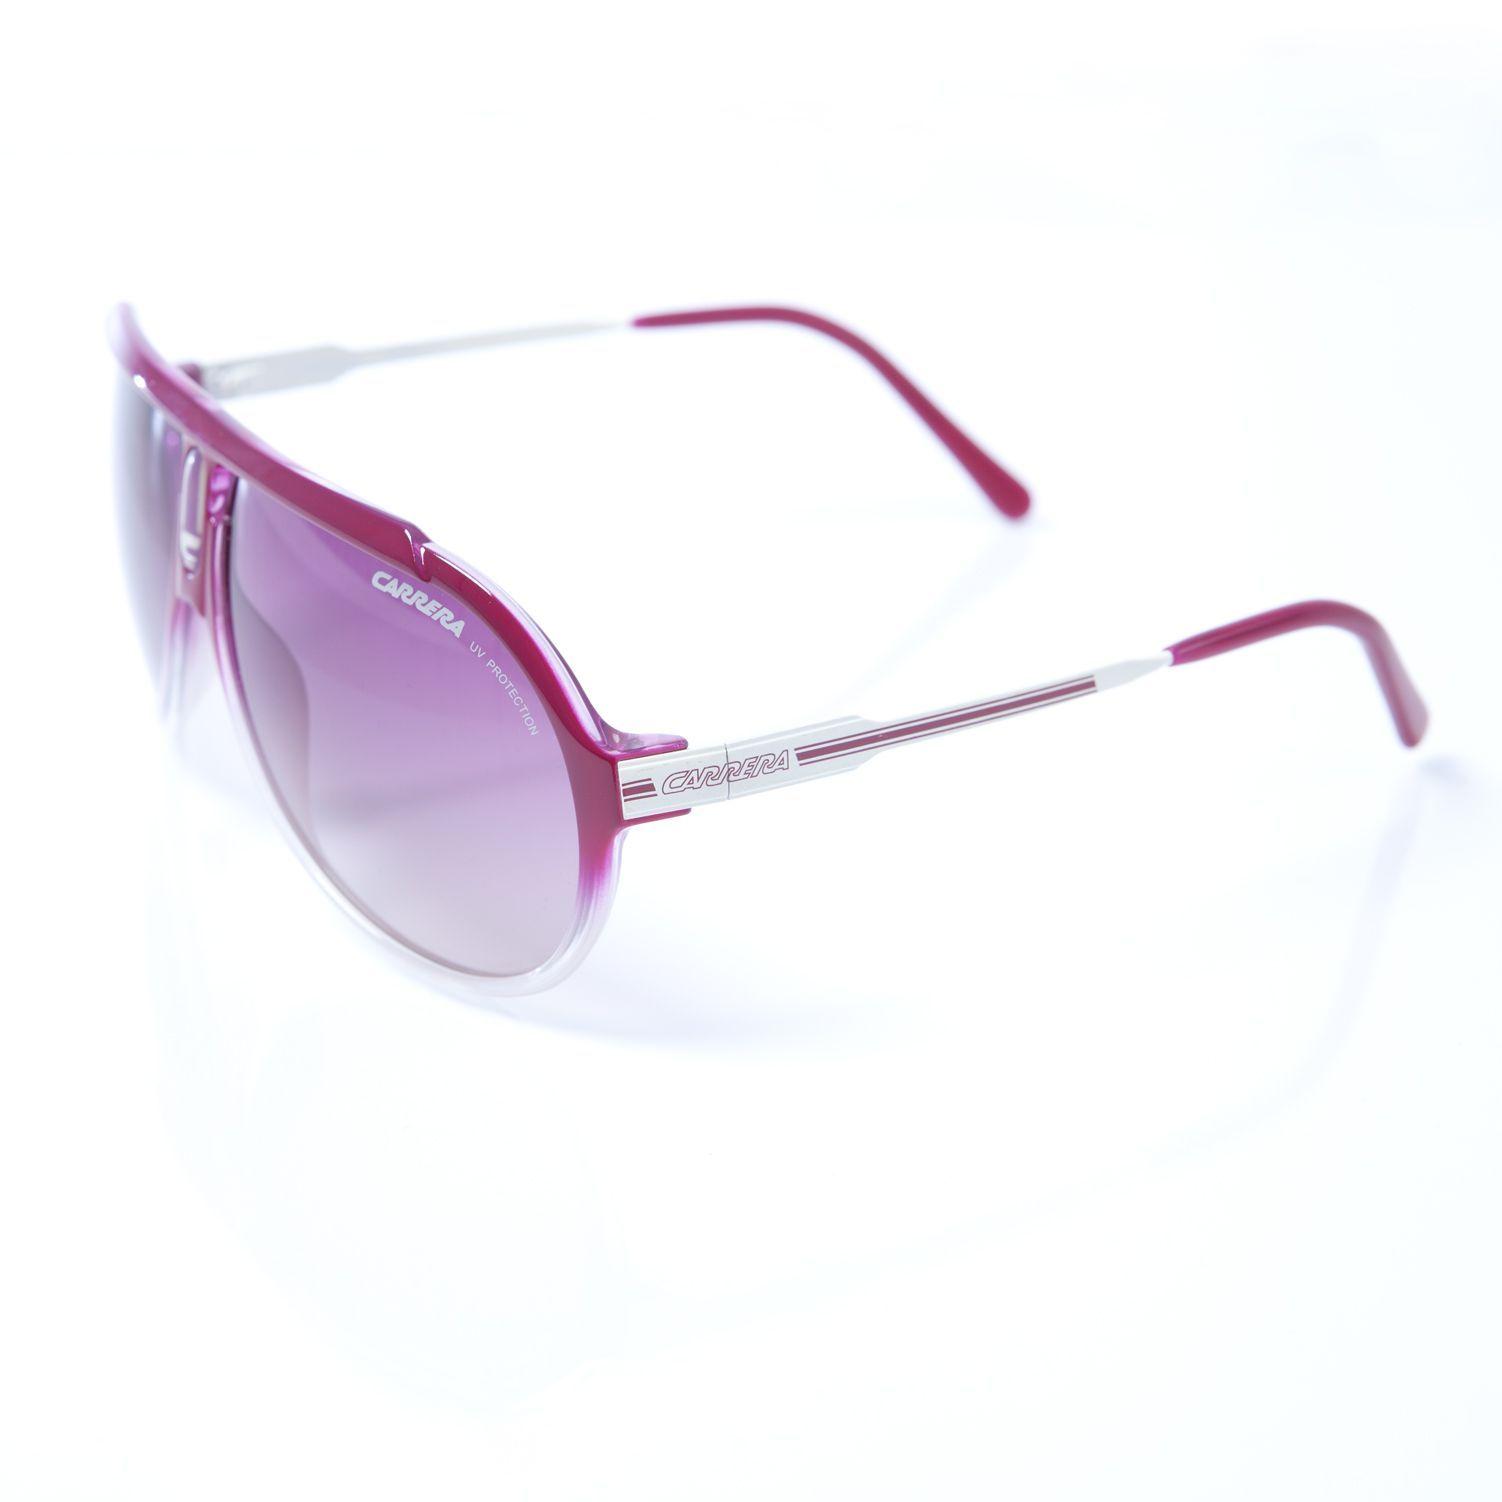 6d52995f4a Gafas de Sol Carrera Endurance/t, ¡pruébalas! | Gafas de Sol para ...